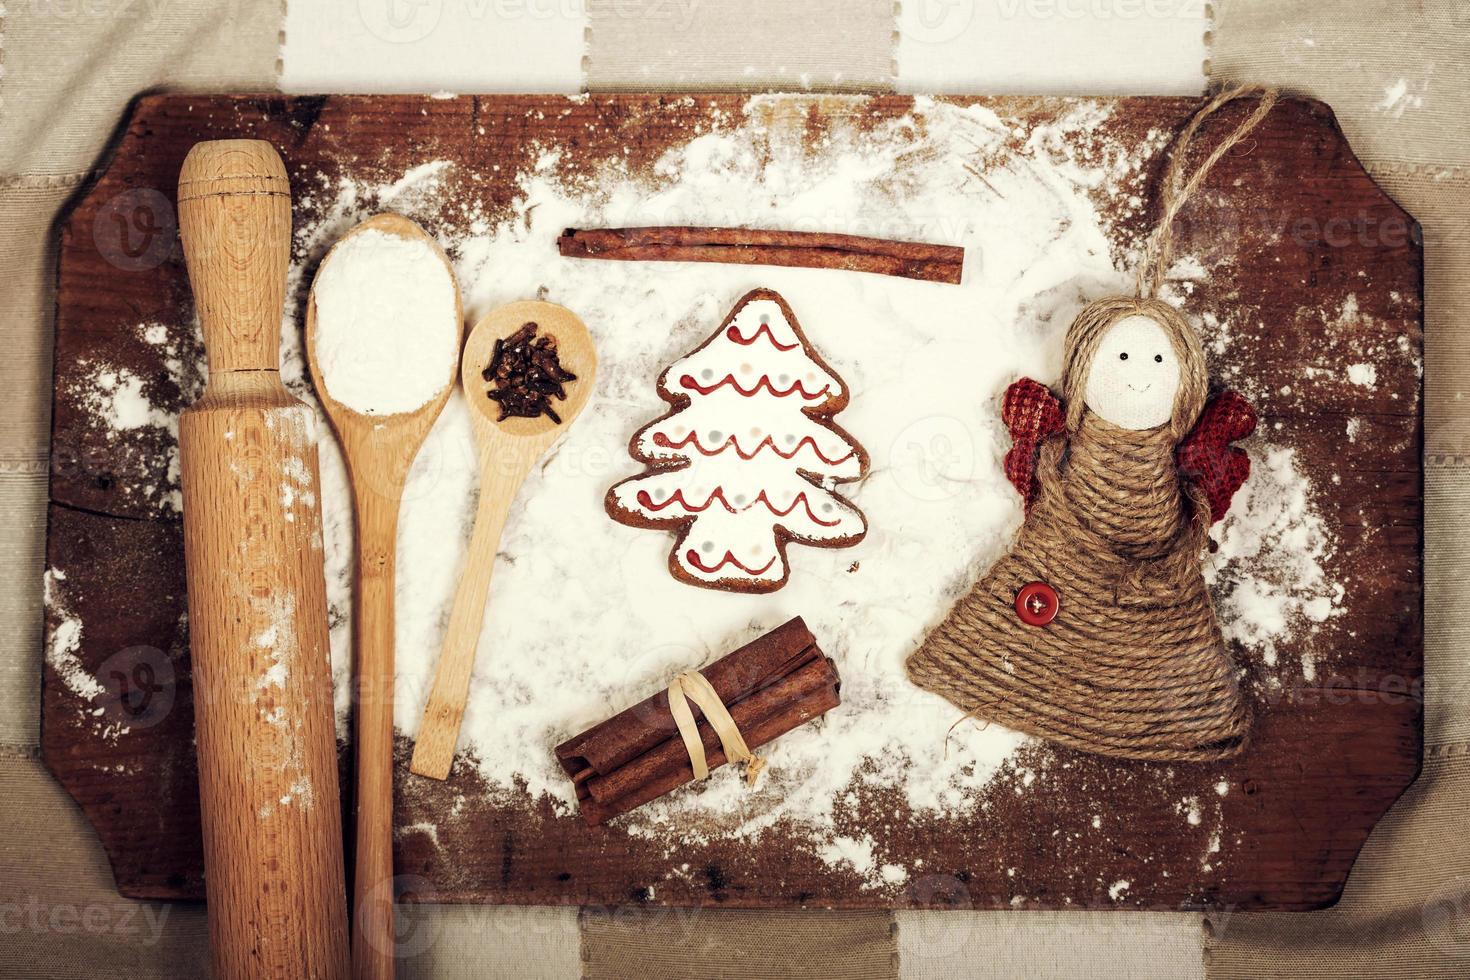 biscuits de Noël, épices et farine sur une planche à découper en bois photo